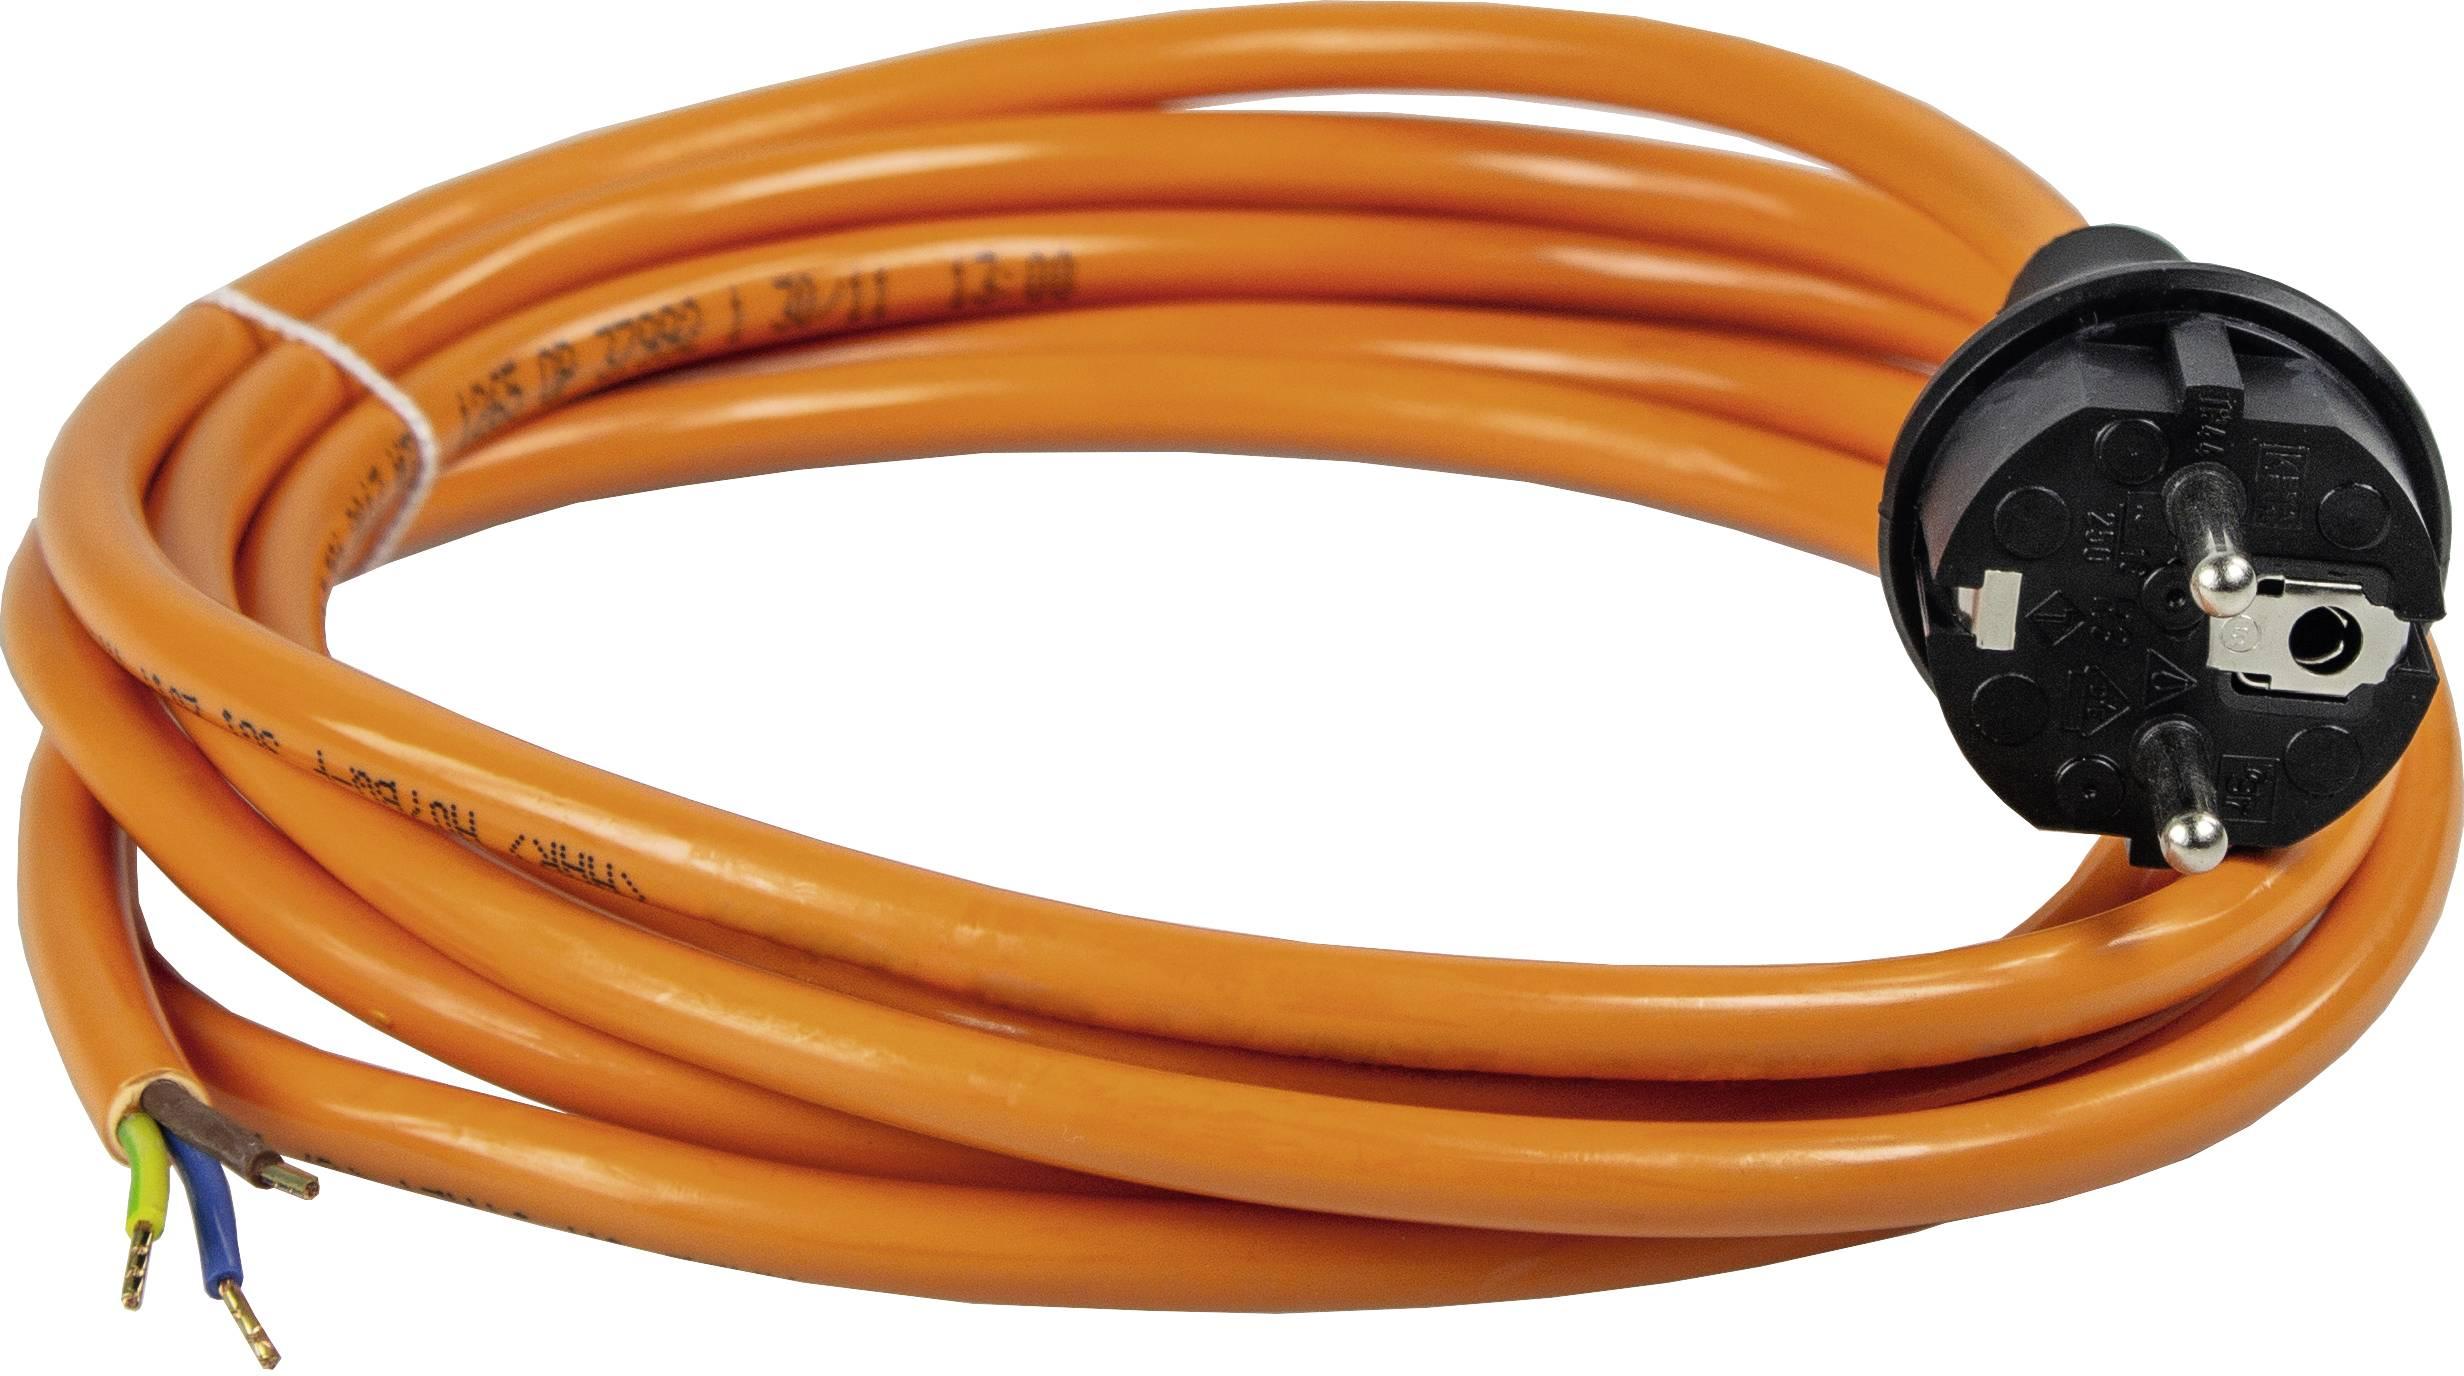 Síťový kabel AS Schwabe 70908, zástrčka/otevřený konec, 1,5 mm², 5 m, oranžová